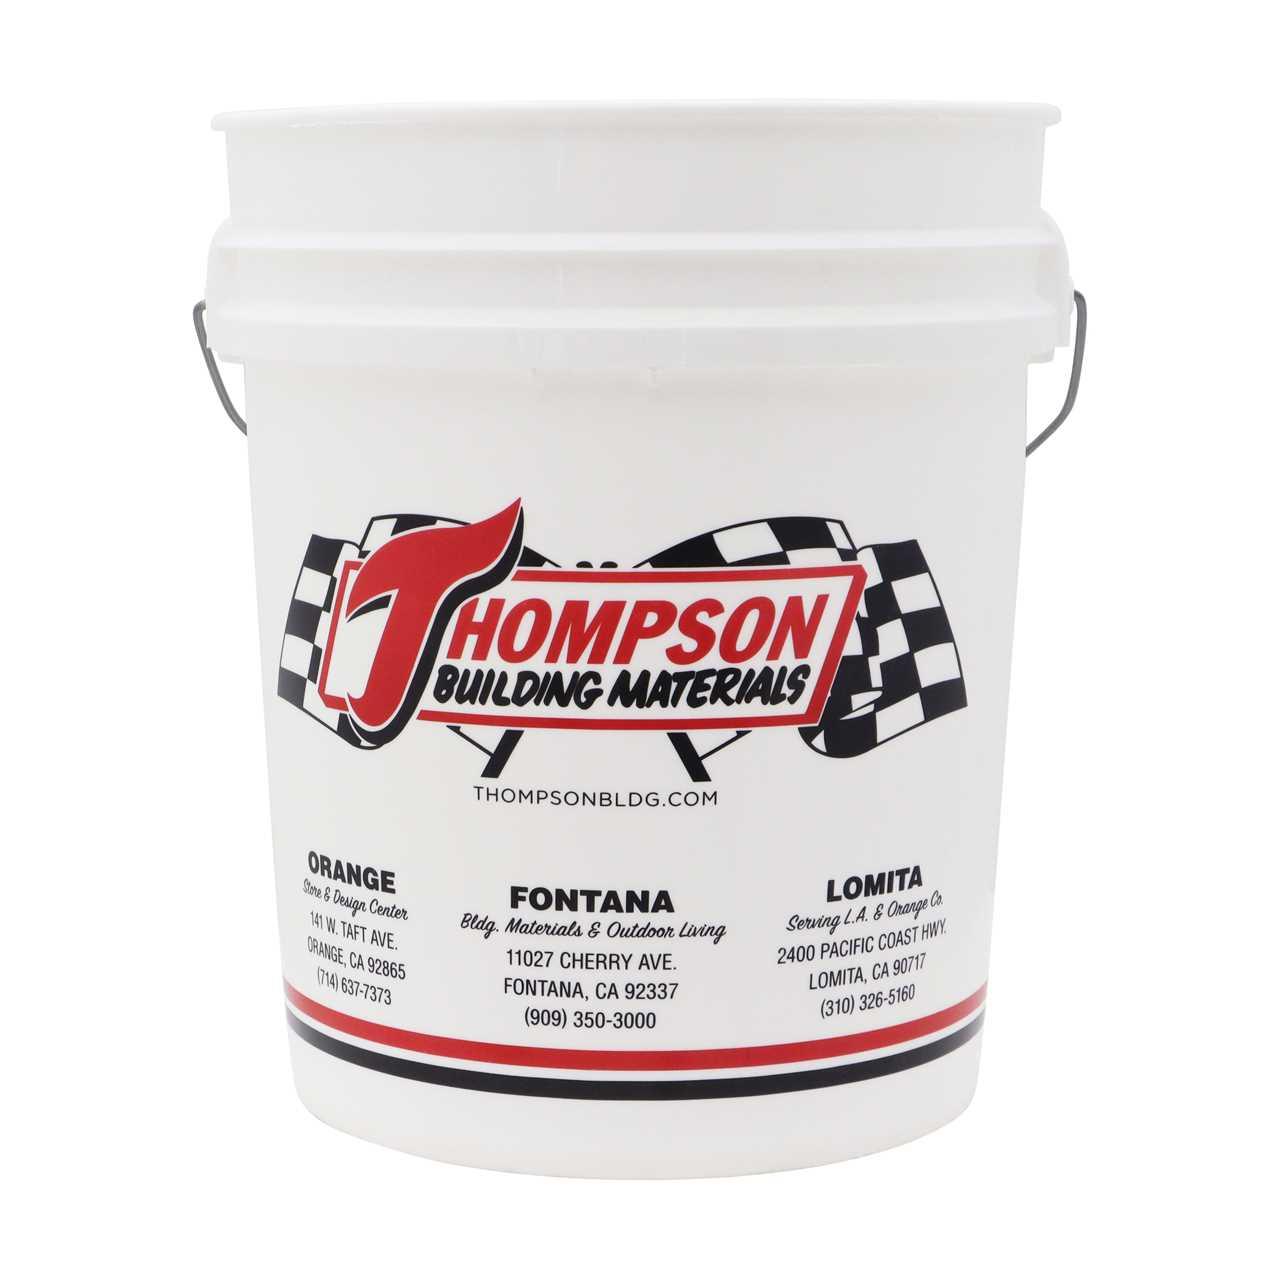 Tompson バケツ 5ガロン トンプソン オリジナル  <br>約18.9リットル